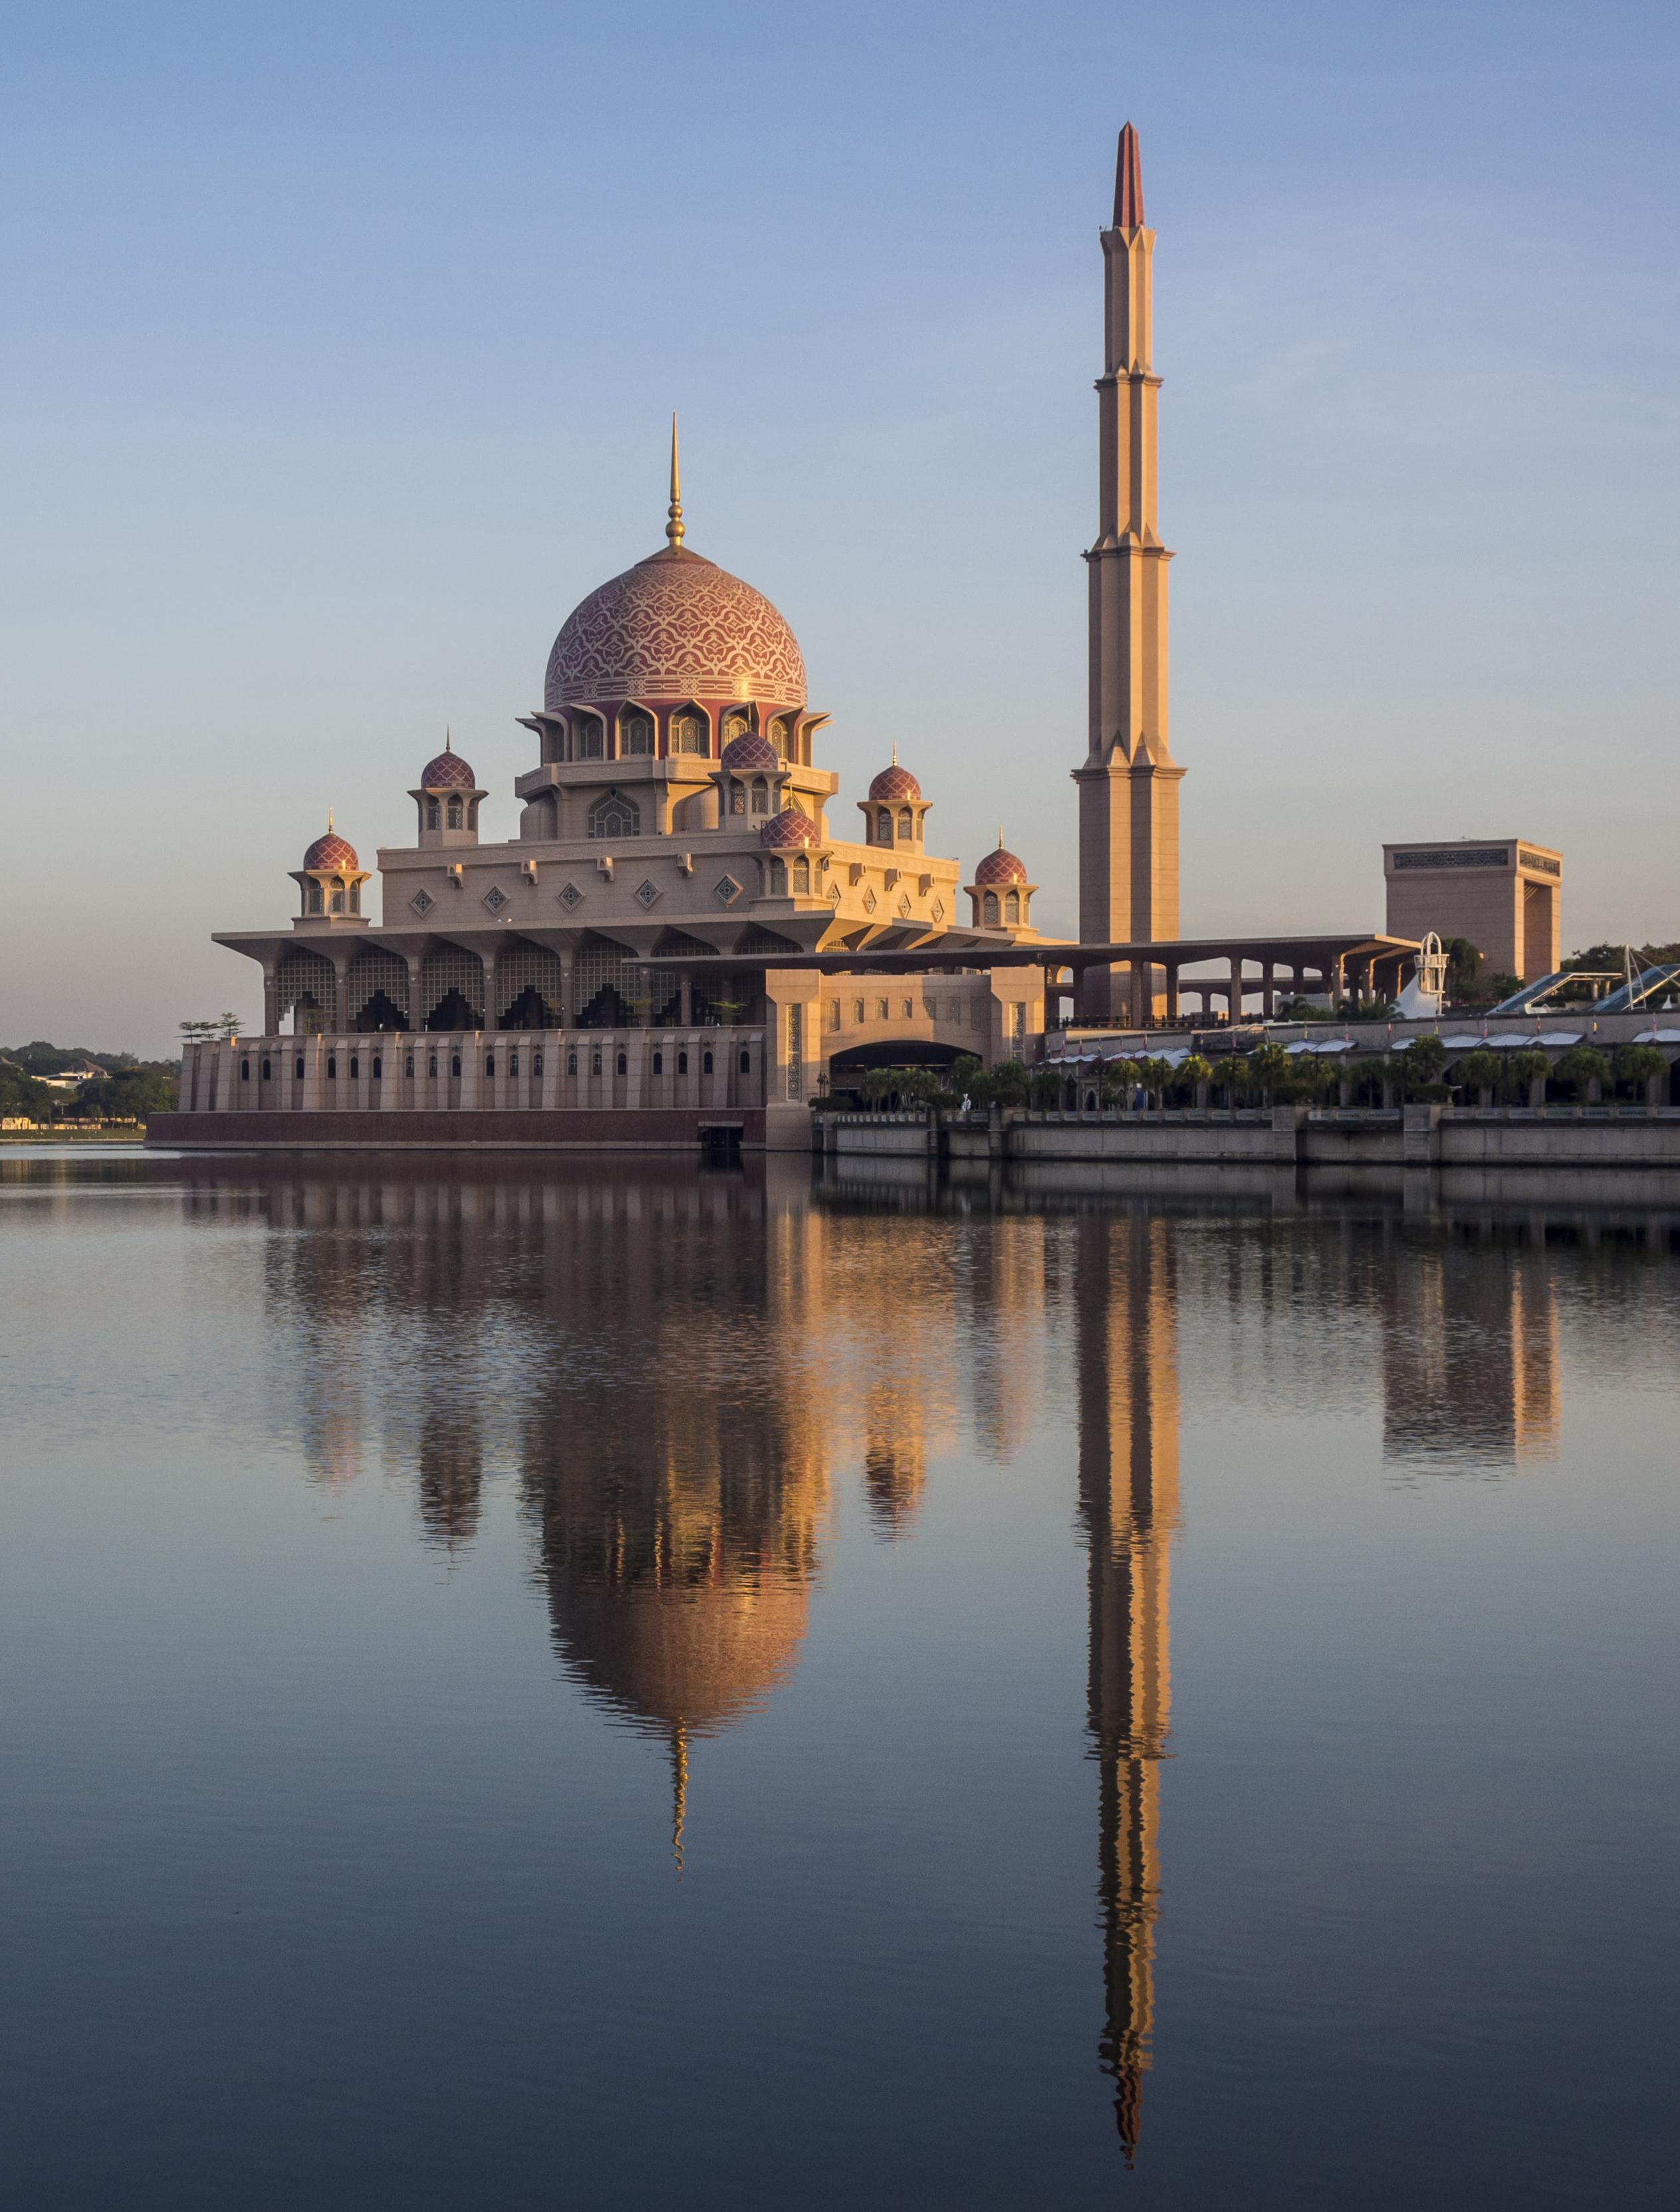 Putra Mosque in Putrajaya.